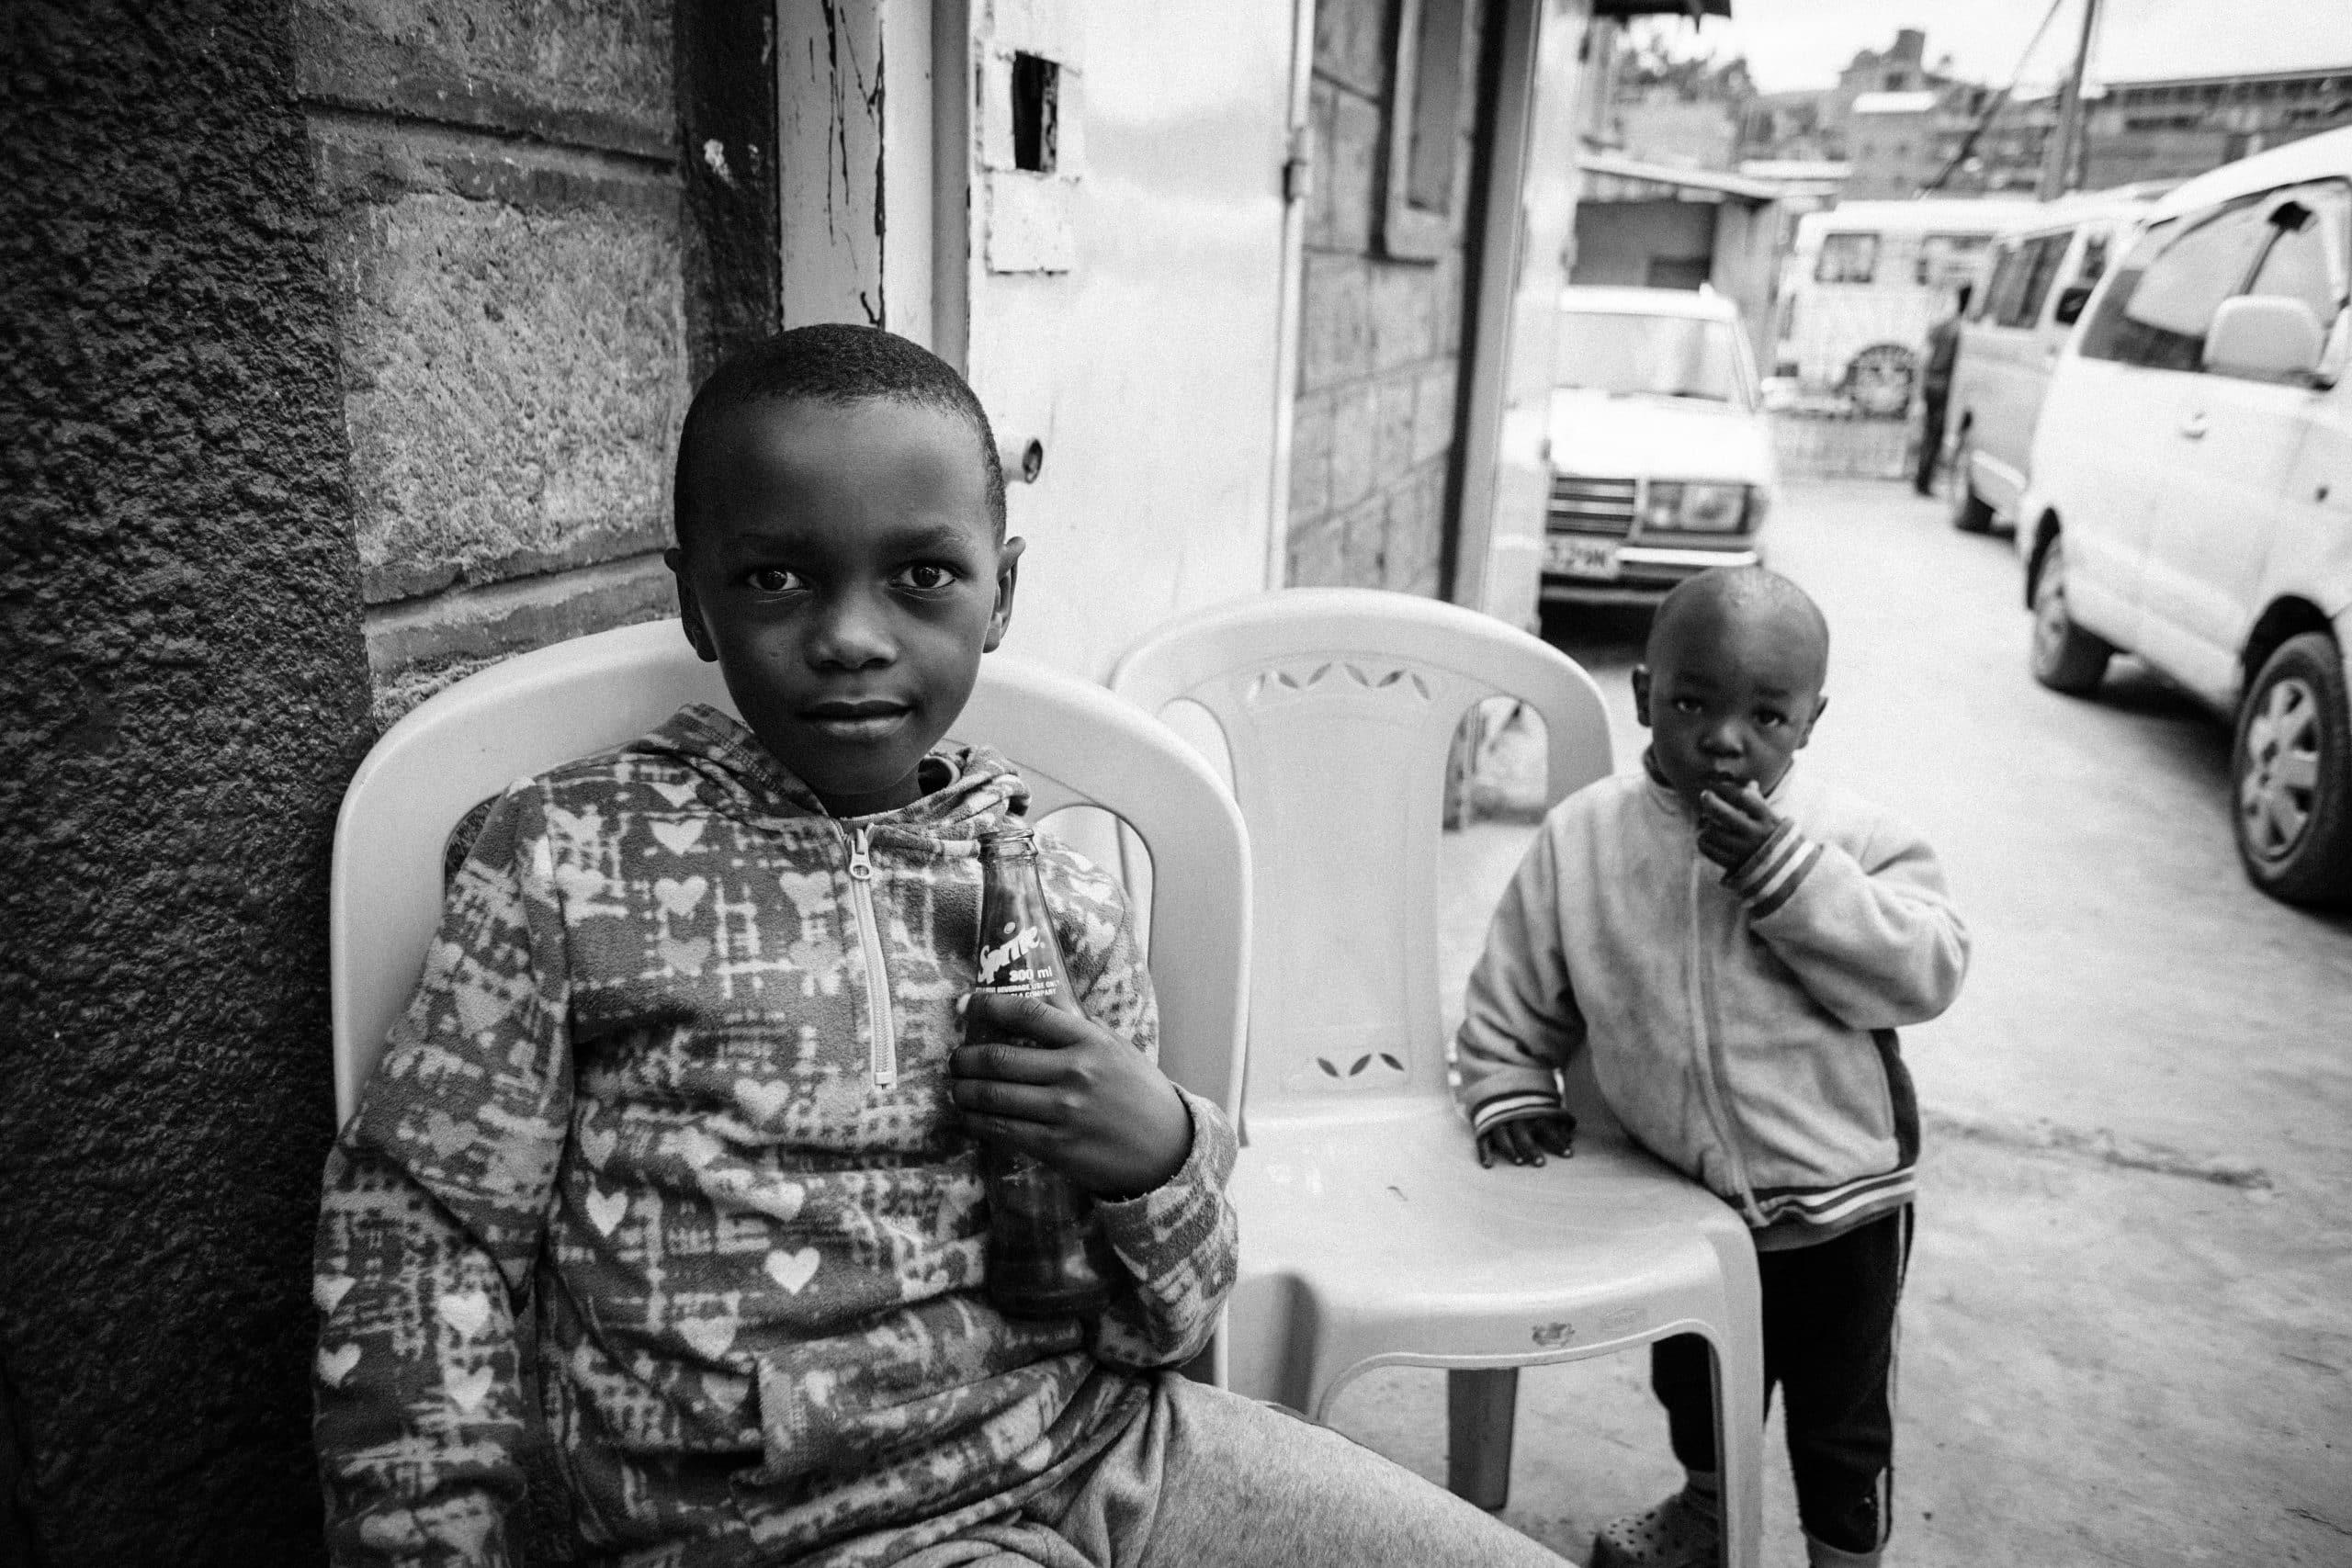 Volontariato internazionale in Kenya in un centro per bambini orfani